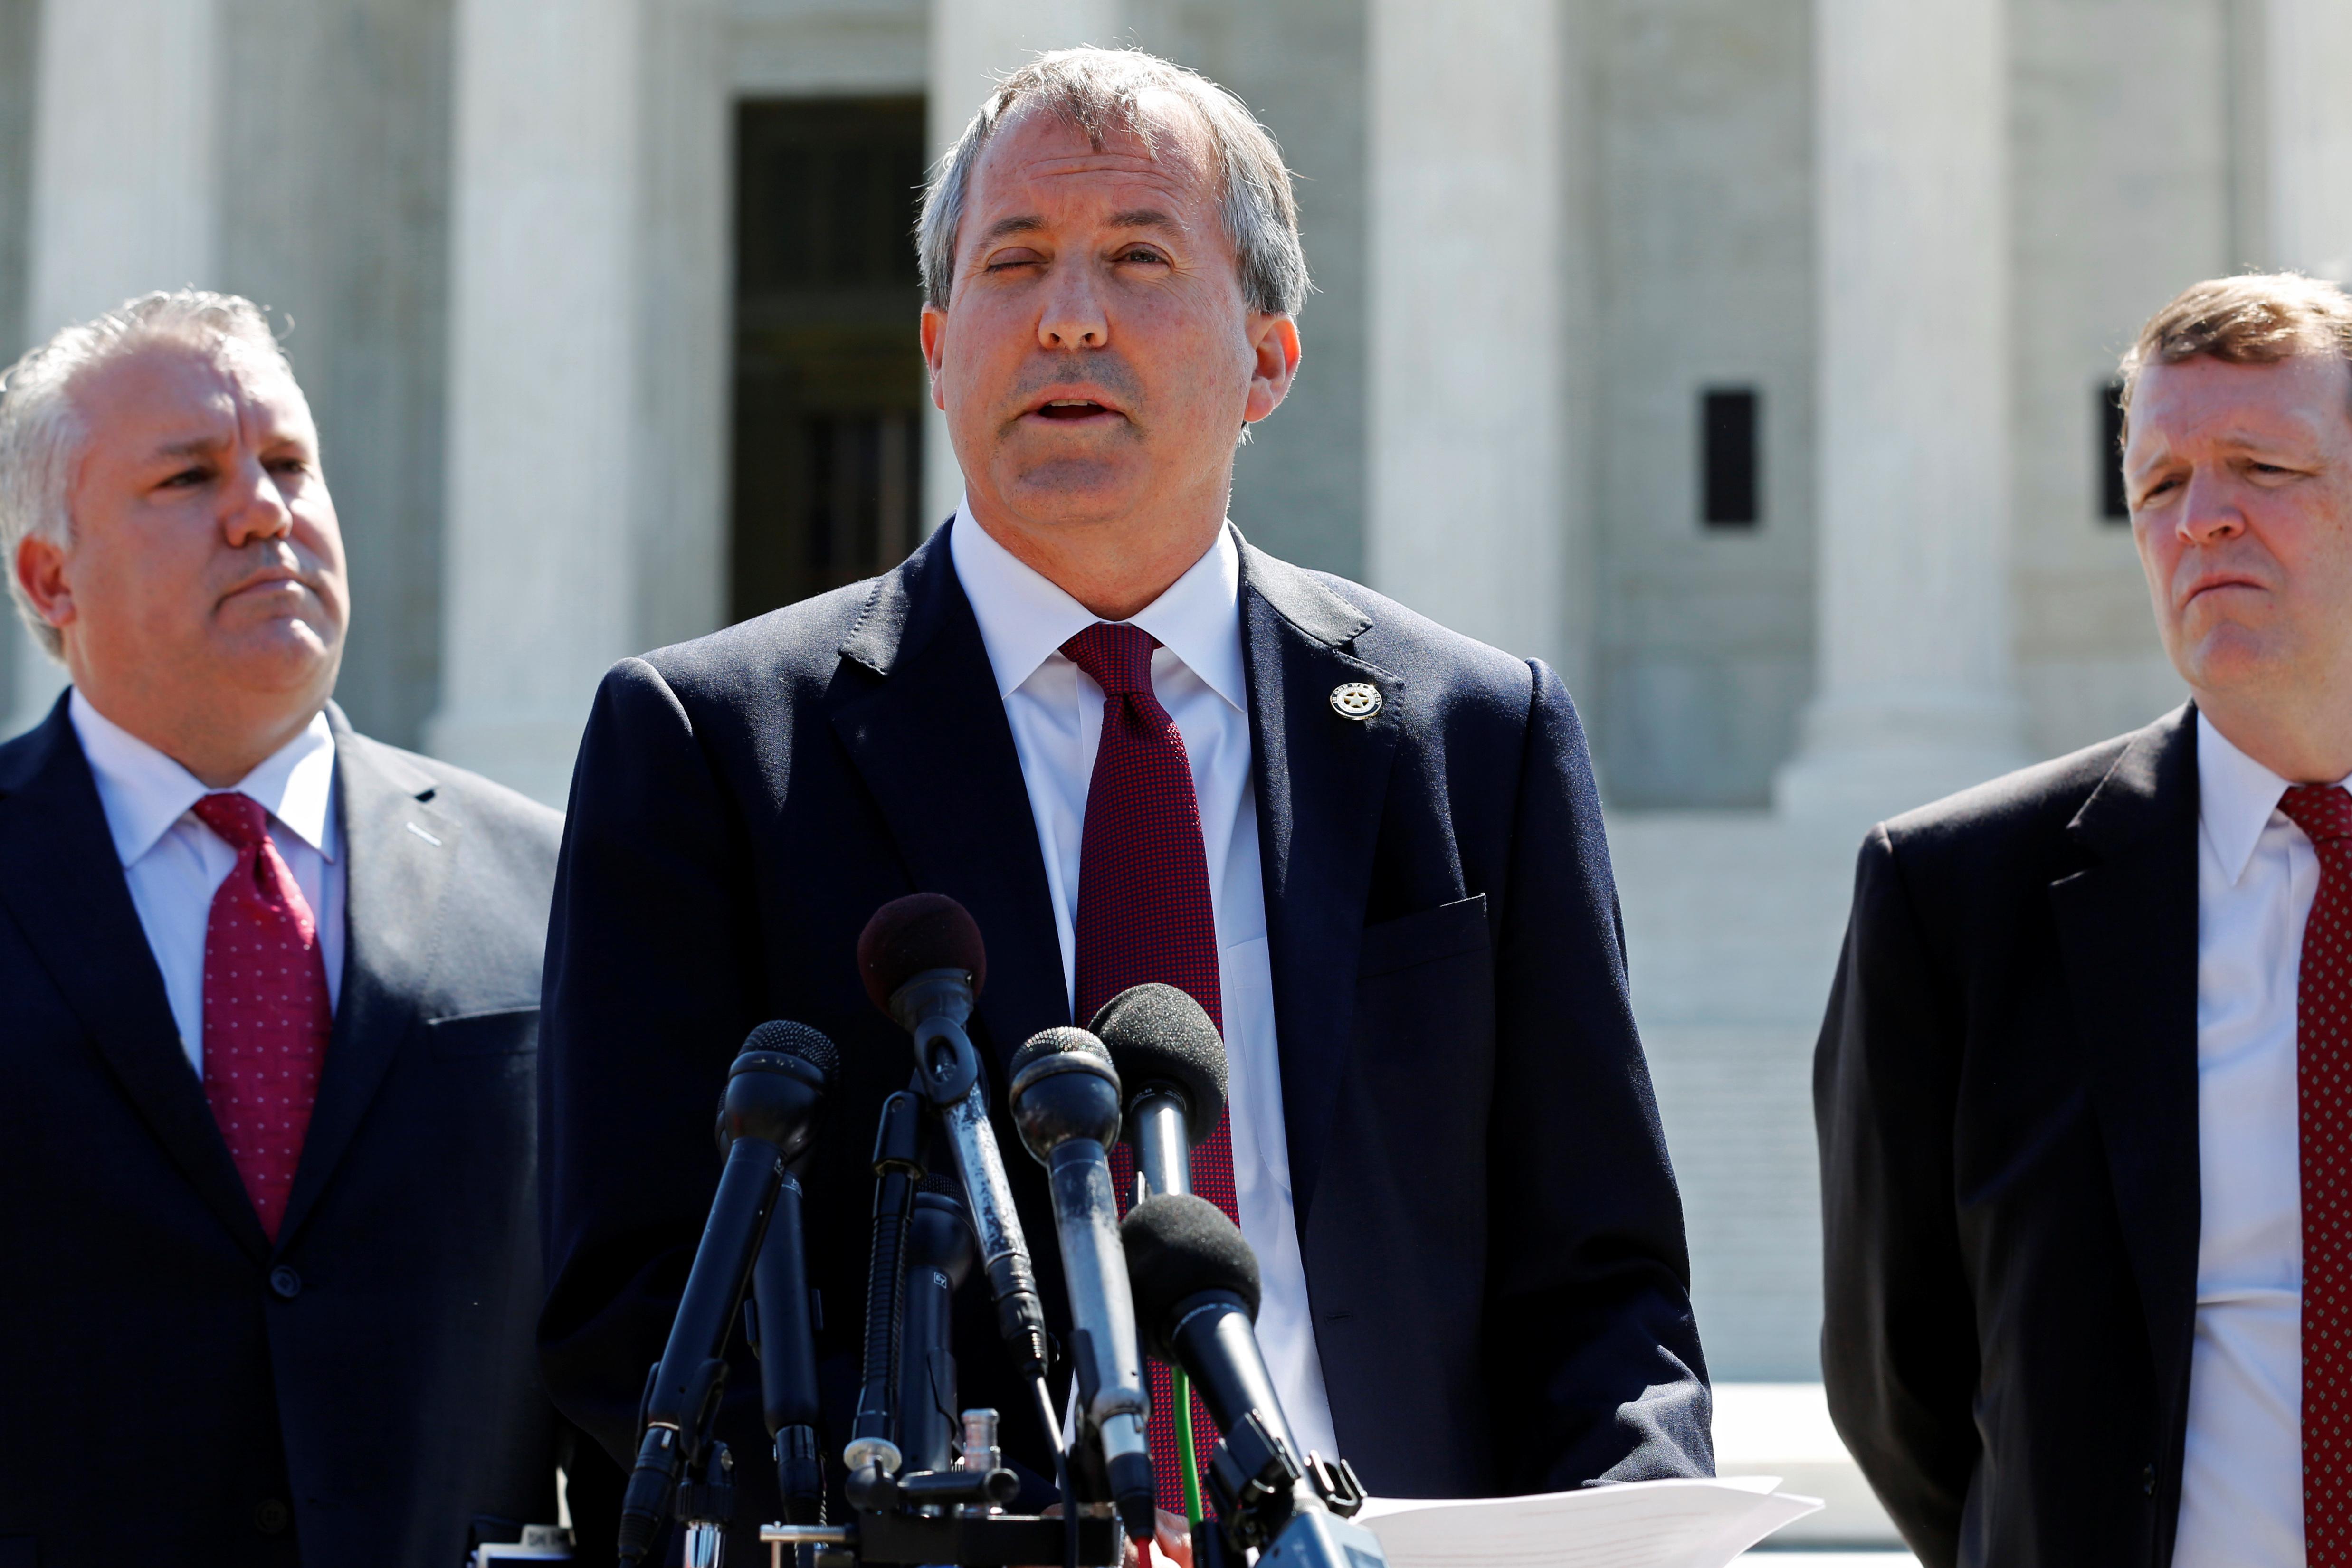 Texas Attorney General Ken Paxton in Washington, U.S. June 9, 2016. REUTERS/Jonathan Ernst